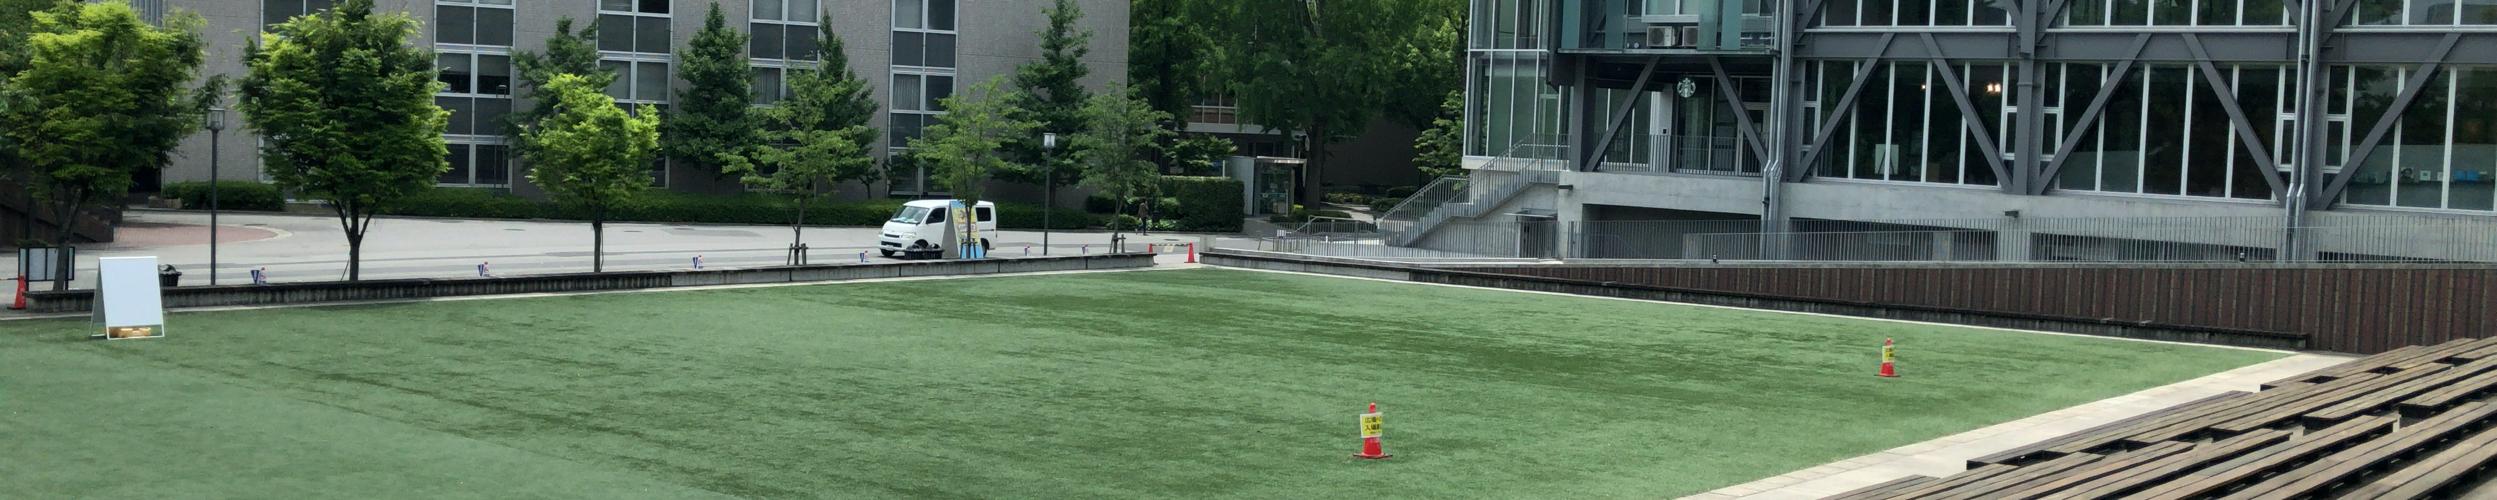 Bbs 関西 大学